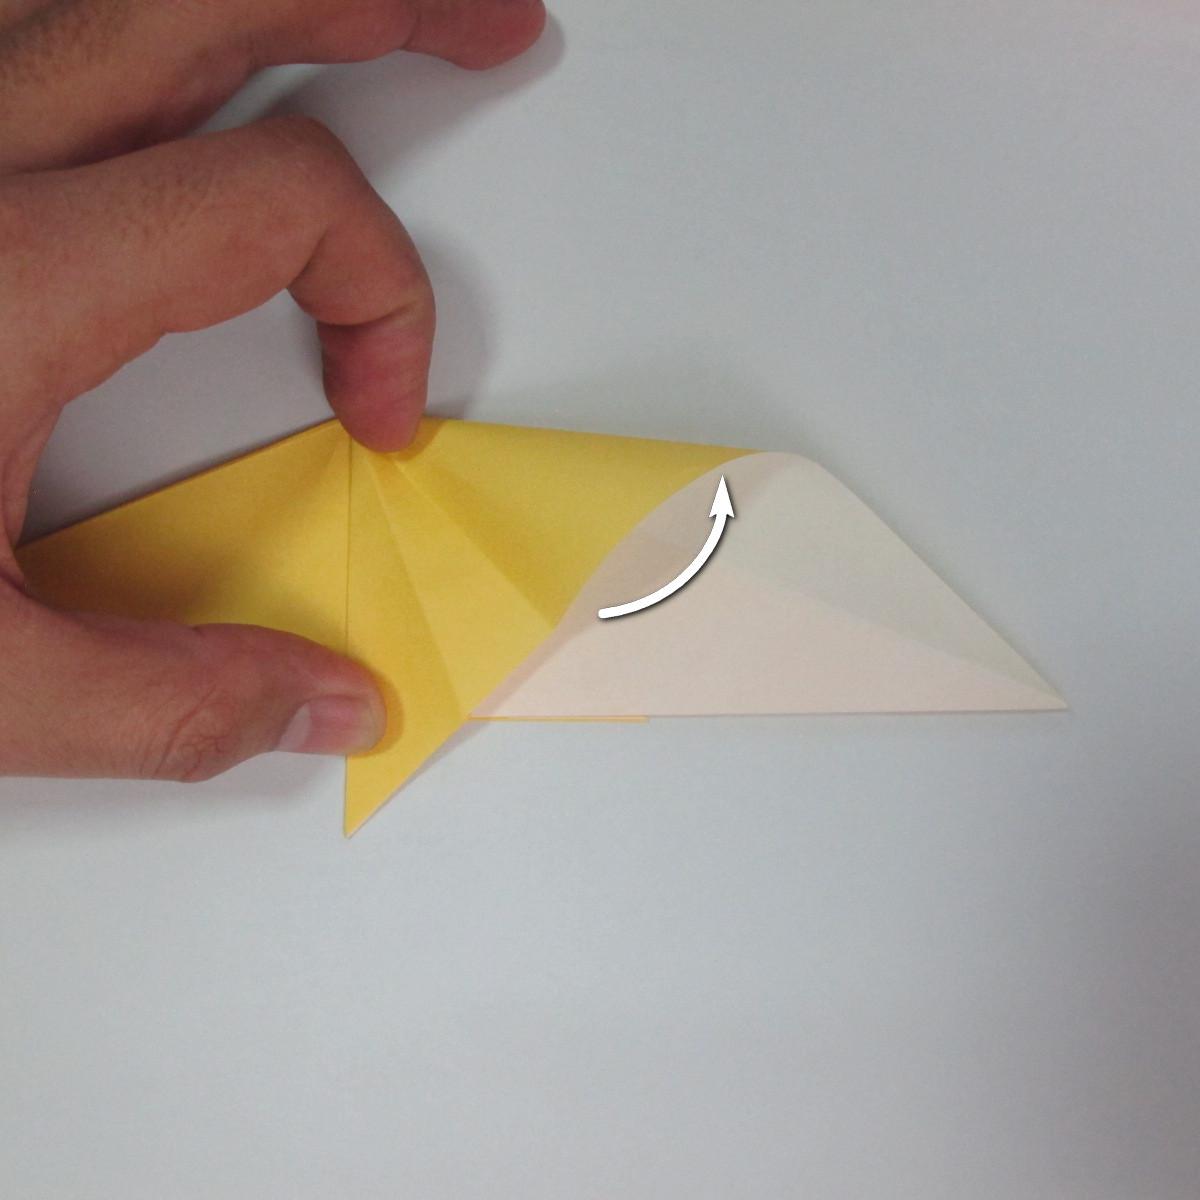 สอนวิธีพับกระดาษเป็นรูปลูกสุนัขยืนสองขา แบบของพอล ฟราสโก้ (Down Boy Dog Origami) 043